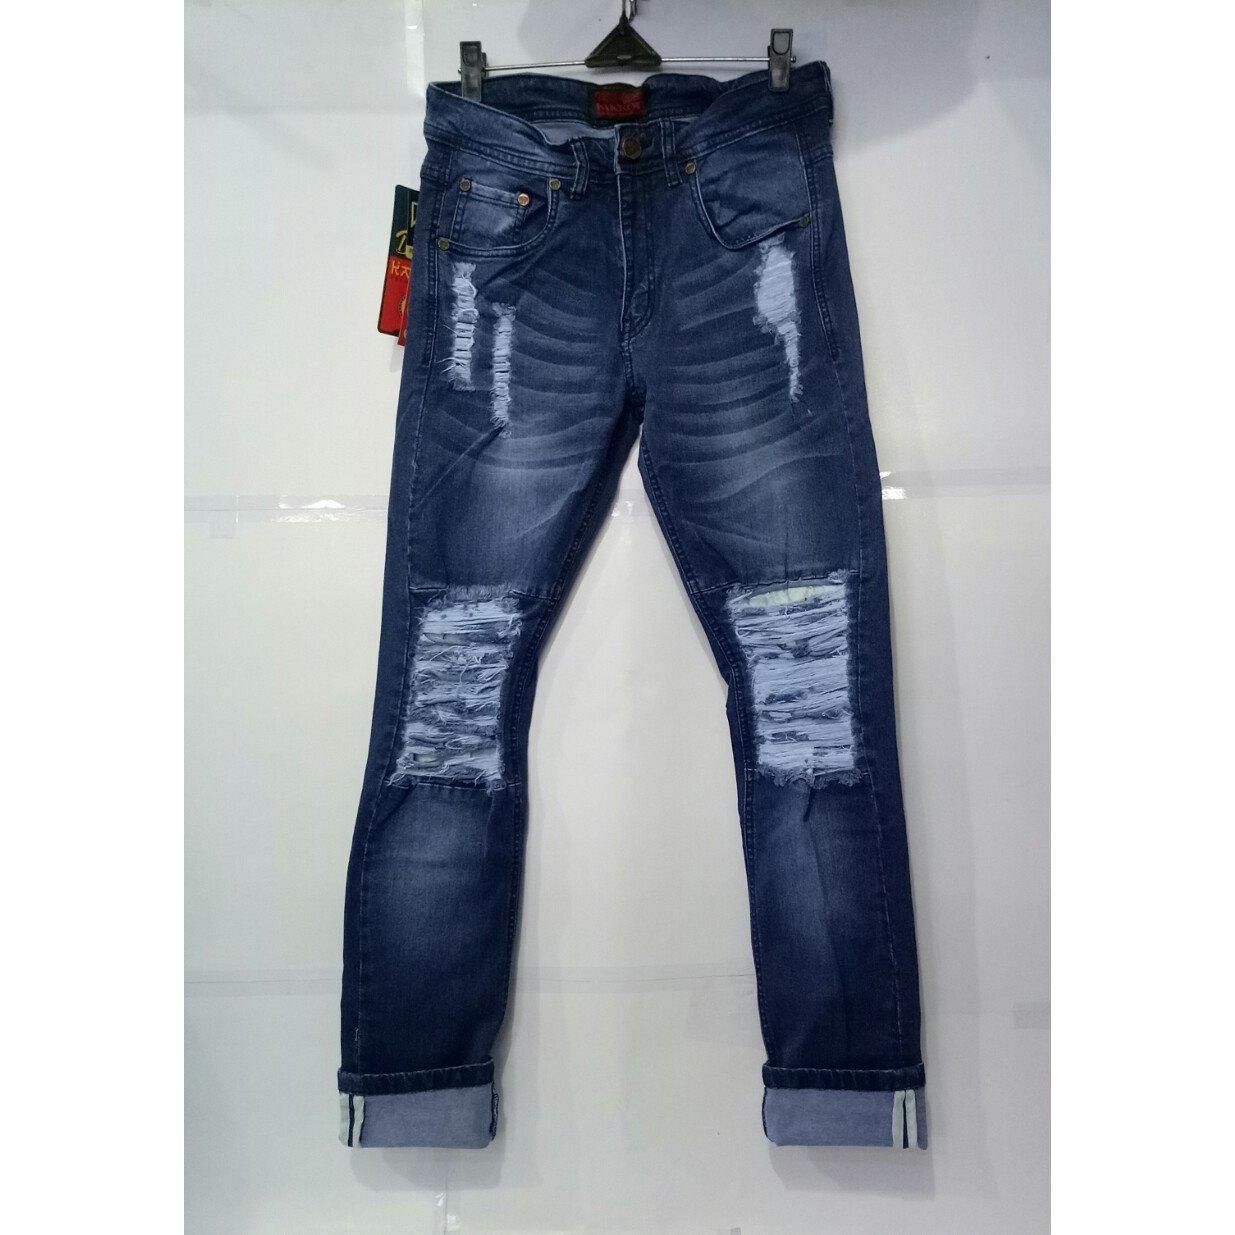 Diskon Celana Jeans Pria Sobek Lapis Biru Dongker Celana Jeans Pria Indonesia